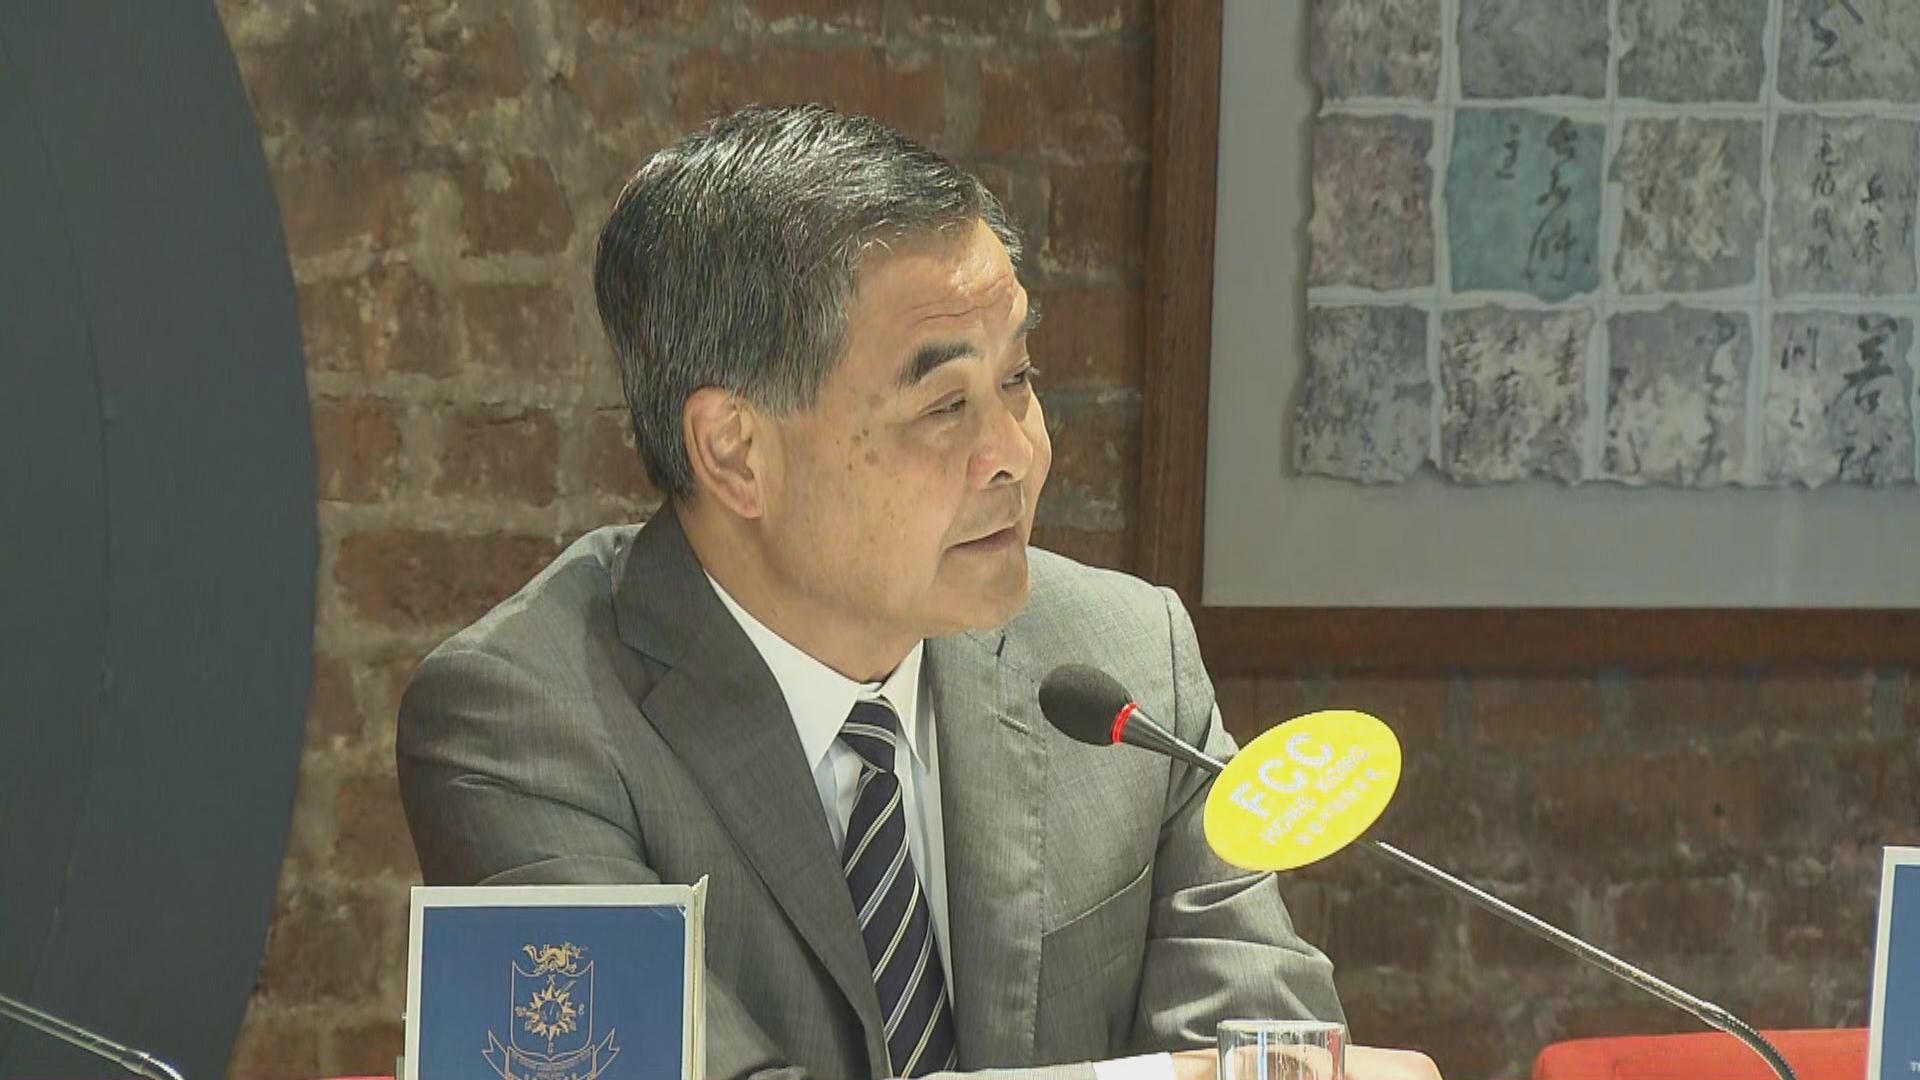 梁振英質疑人權法案發起人未有考慮香港利益